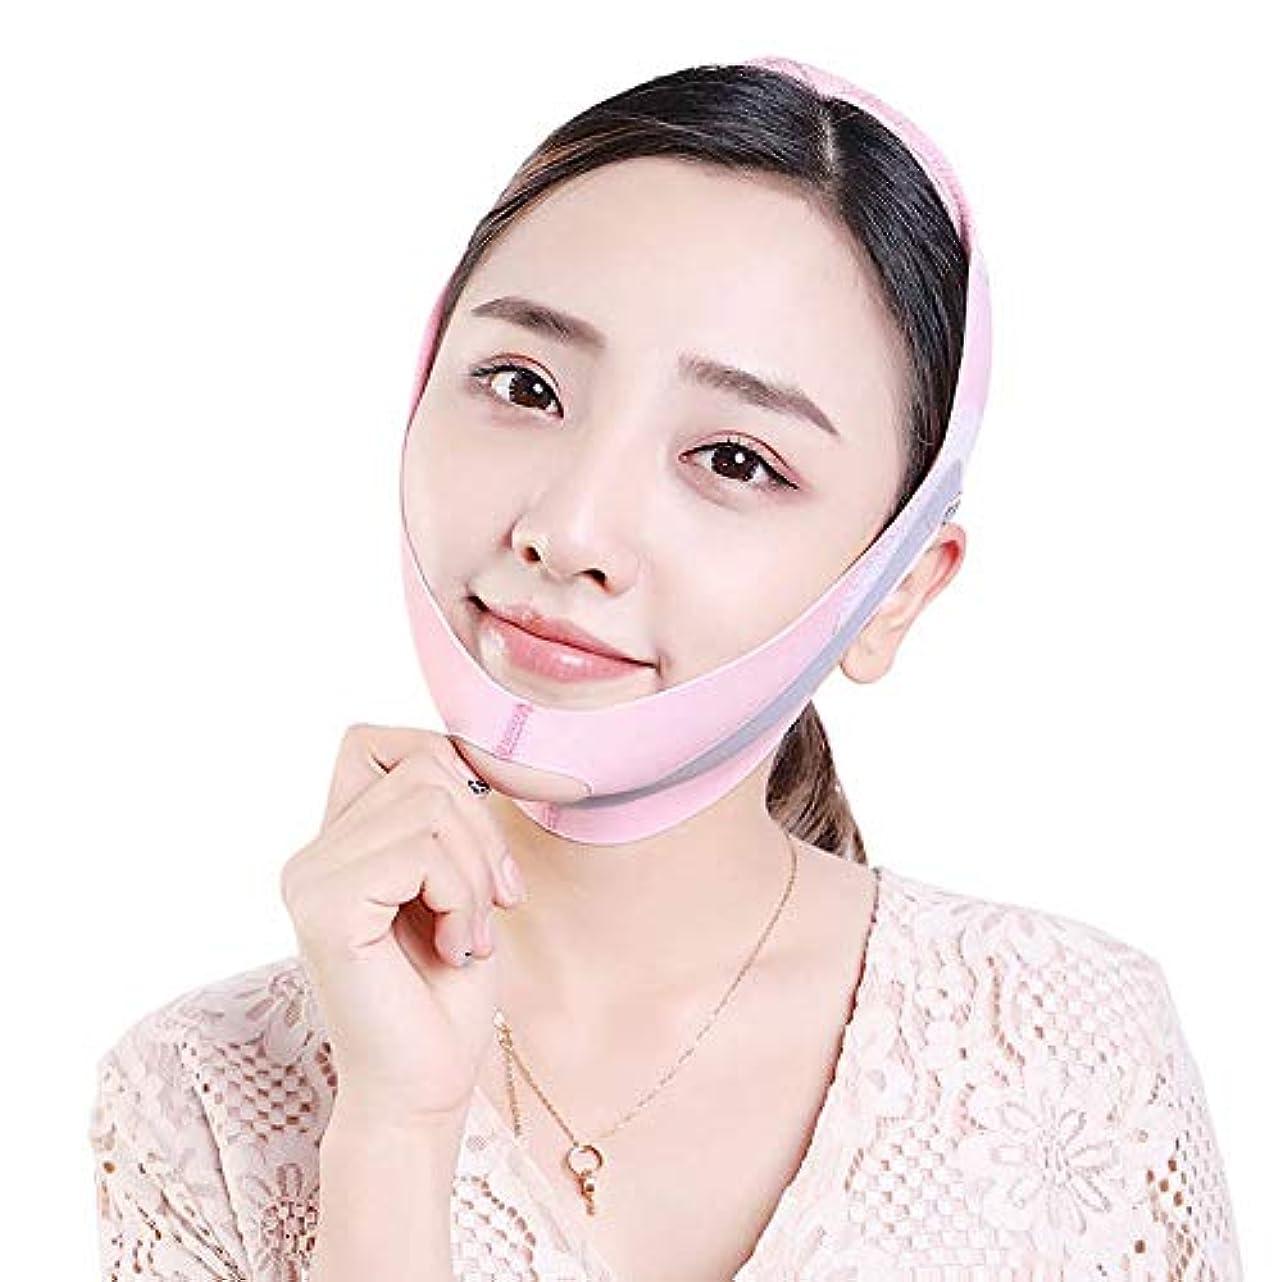 余裕がある生むニンニクたるみを防ぐために顔を持ち上げるために筋肉を引き締めるために二重あごのステッカーとラインを削除するために、顔を持ち上げるアーティファクト包帯があります - ピンク